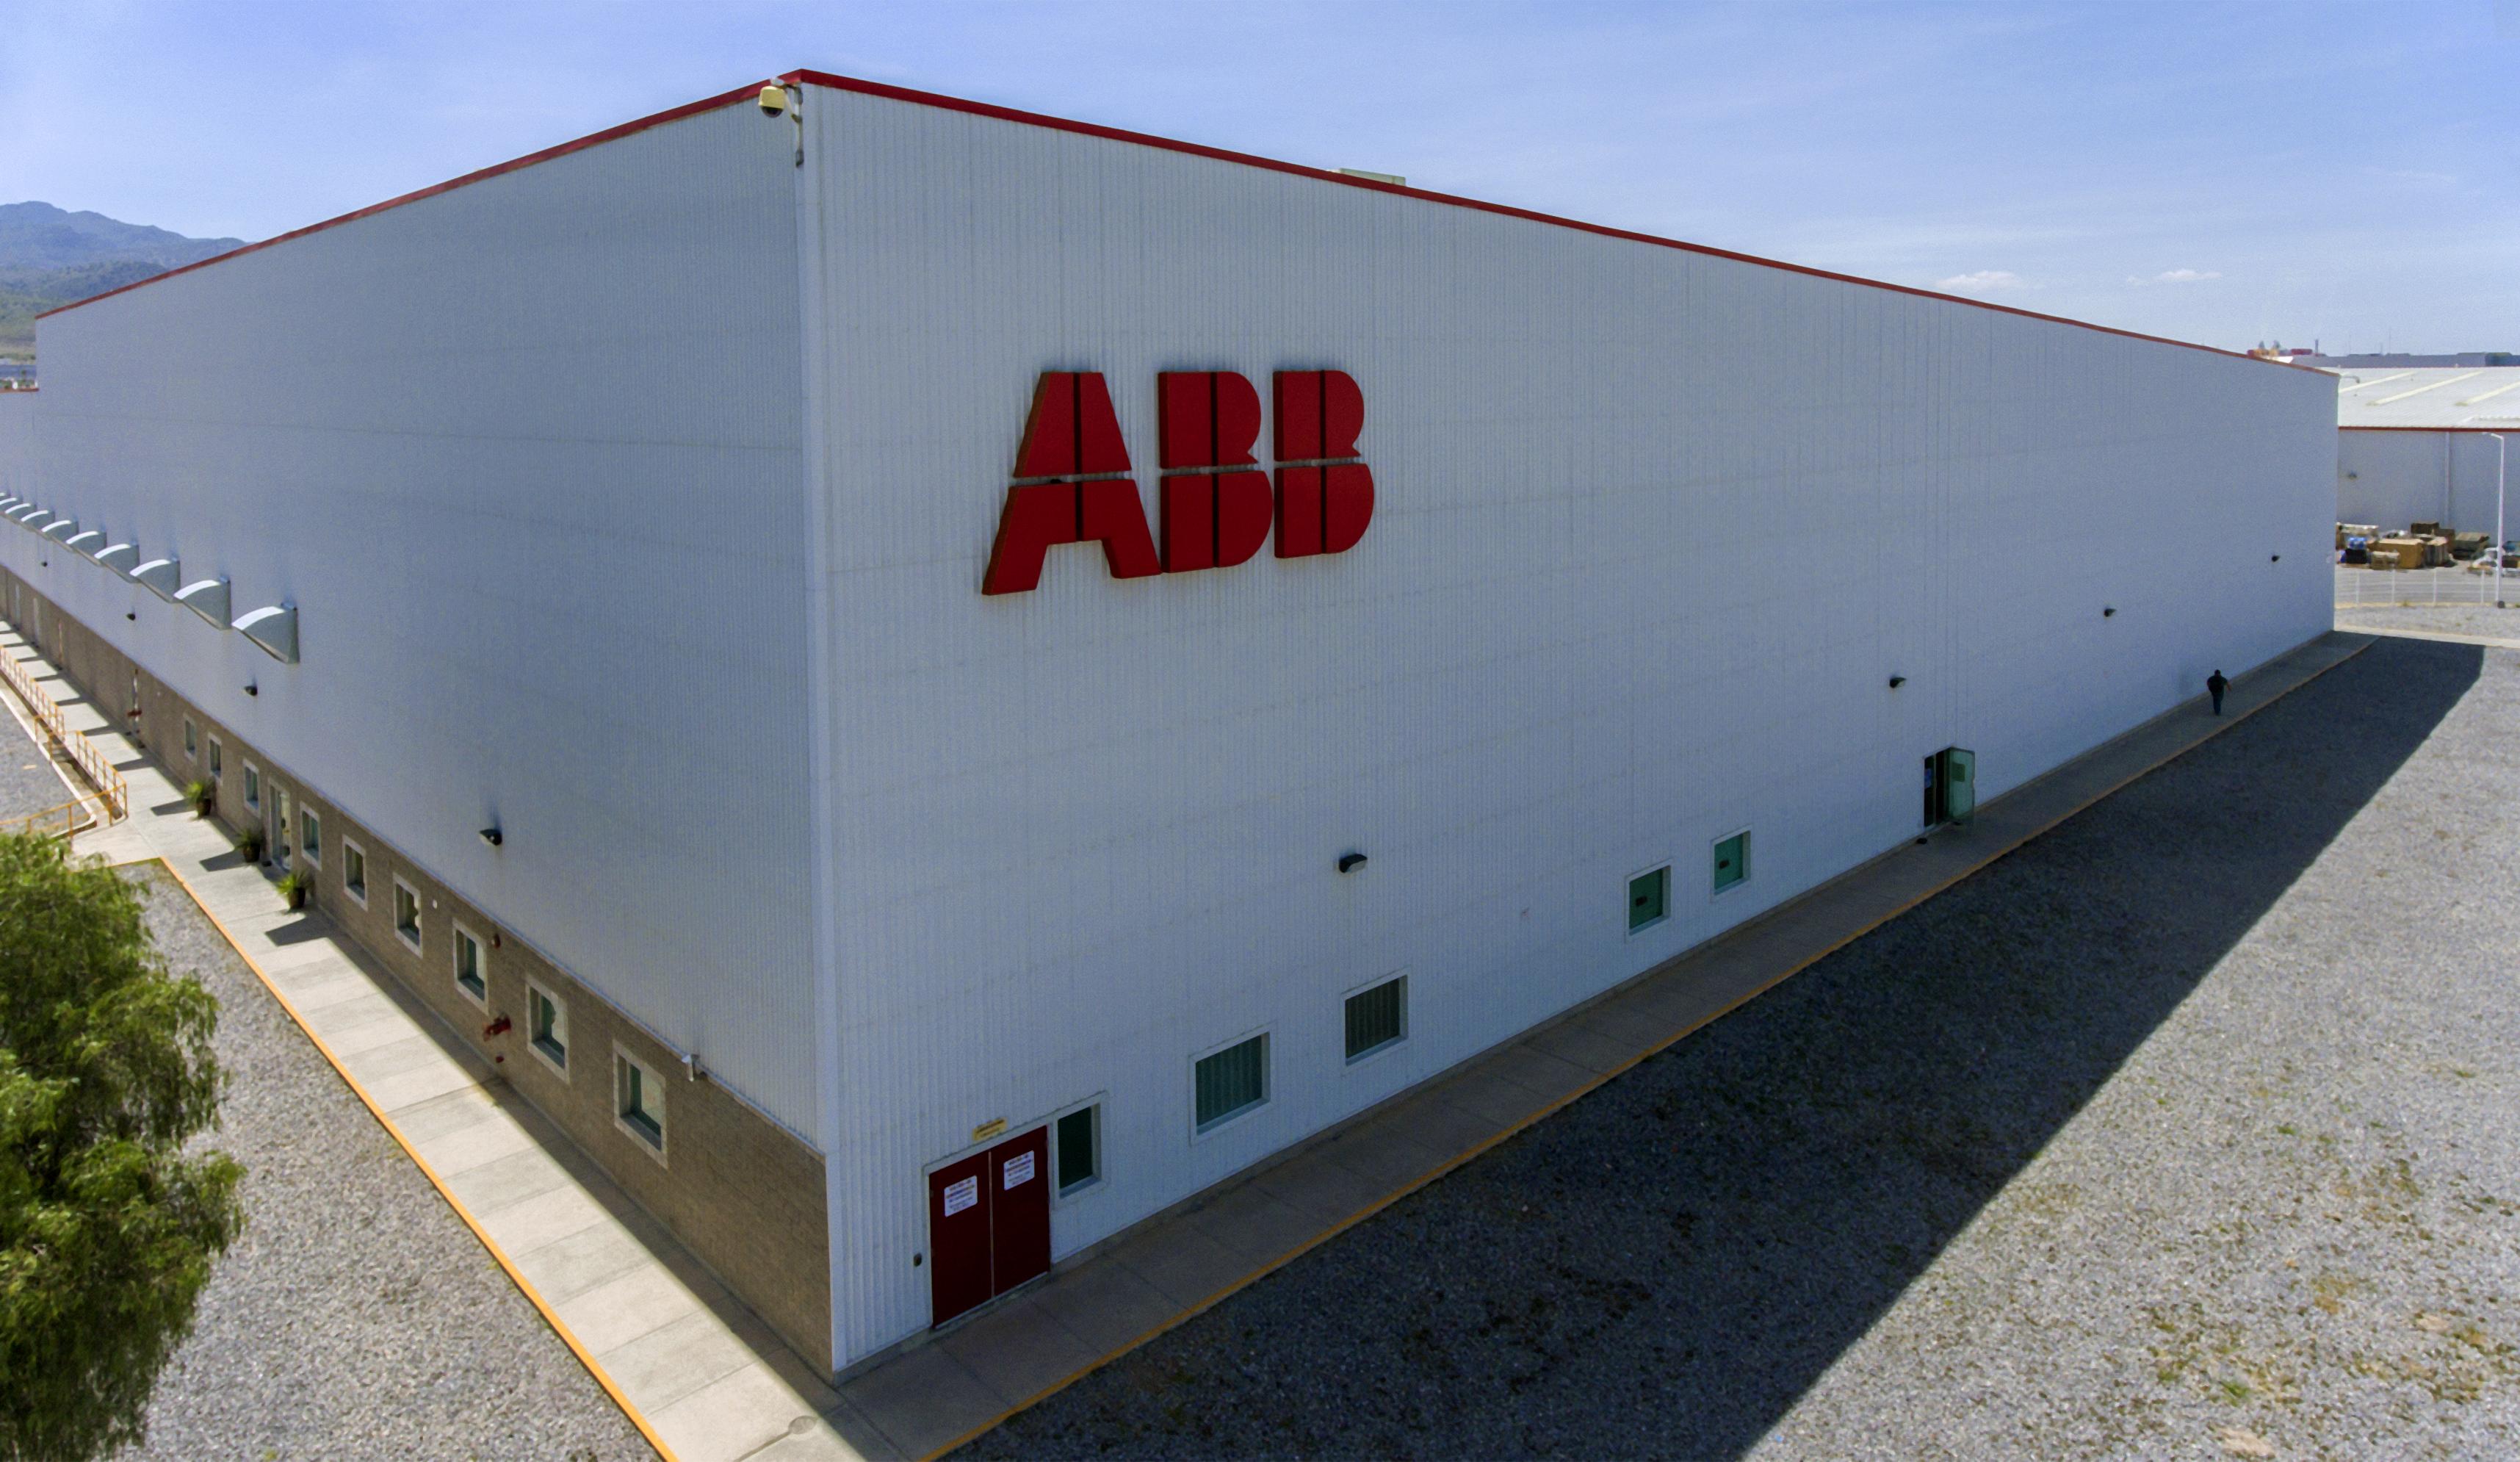 Sí a las inversiones en México, aunque con cautela y prudencia: ABB